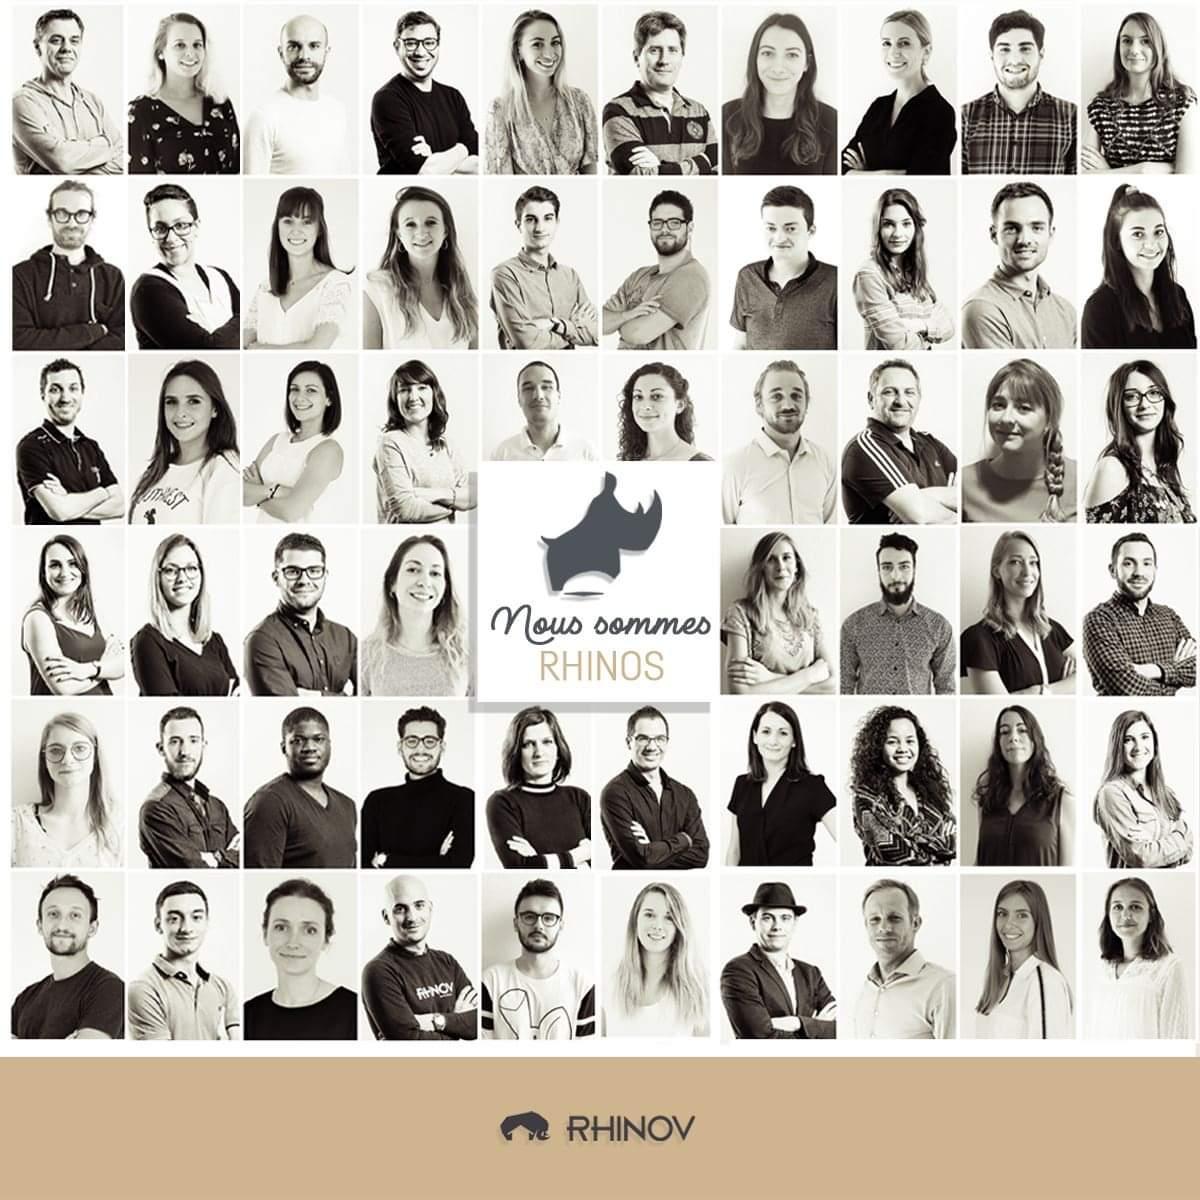 Journée mondiale du rhinocéros !  La savane au complet, fière de porter les couleurs du rhinocéros.🦏❤ L'occasion d'accueillir nos 10 nouveaux talents, arrivés en ce beau mois de septembre.👋💡 https://t.co/lFXPHa8Vxr